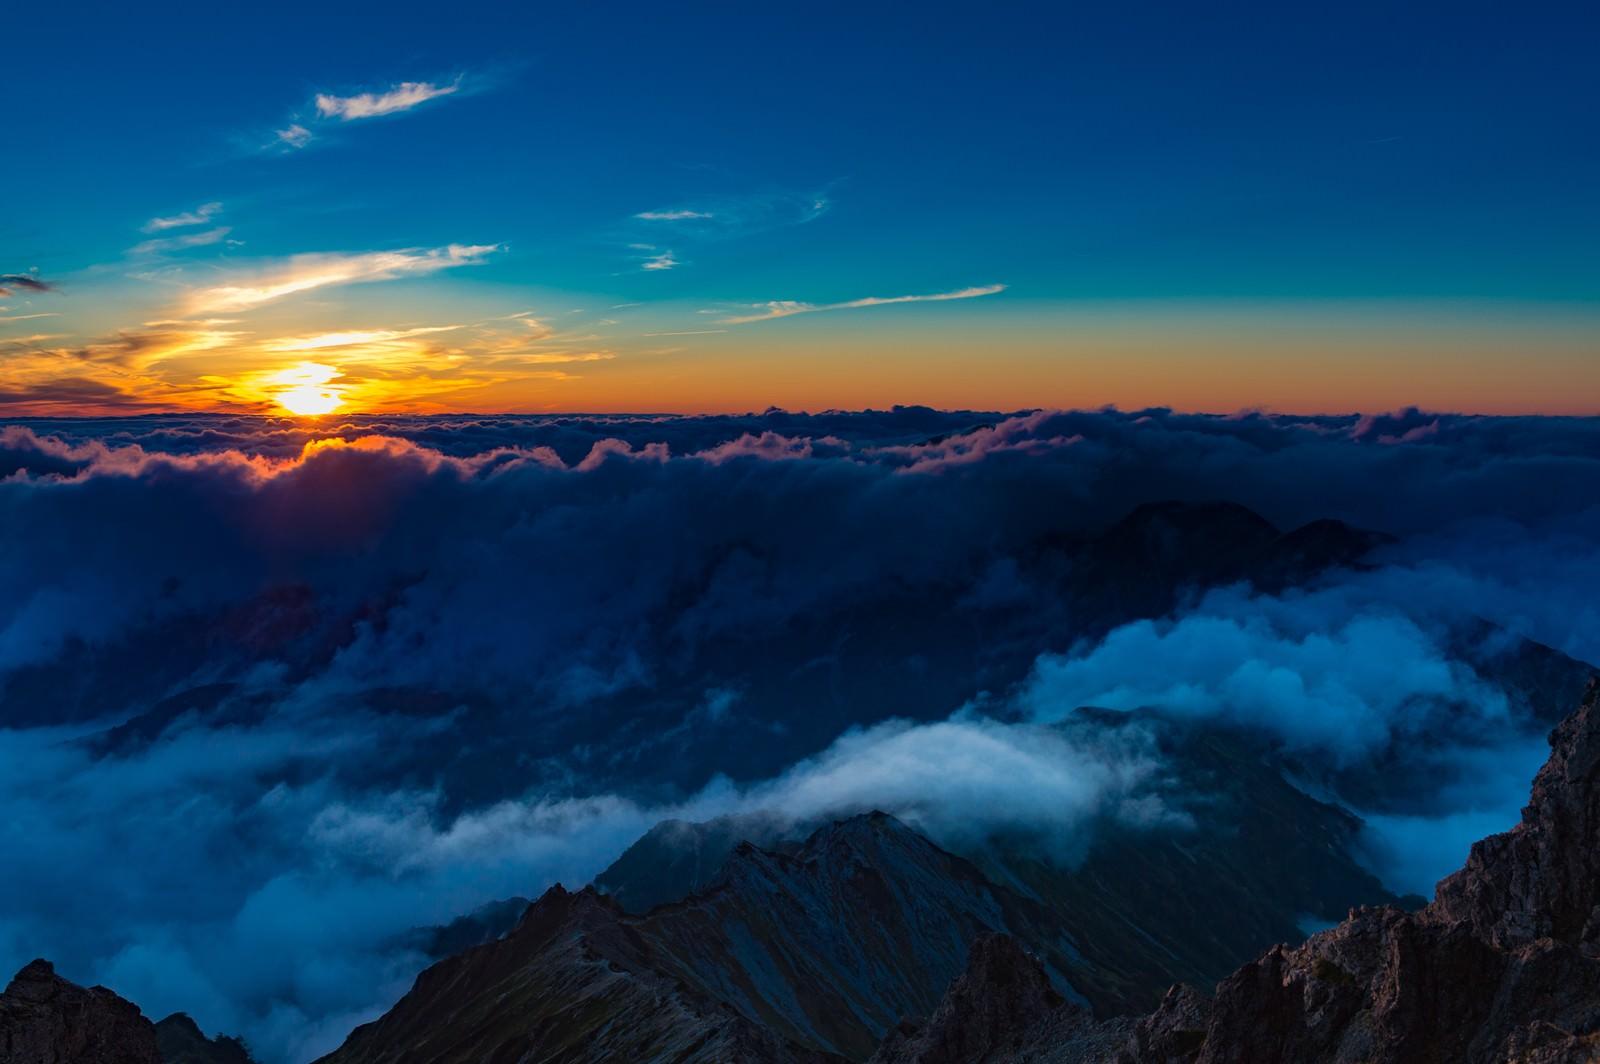 「槍ヶ岳山頂から見下ろす夕暮れの北アルプスの山々」の写真